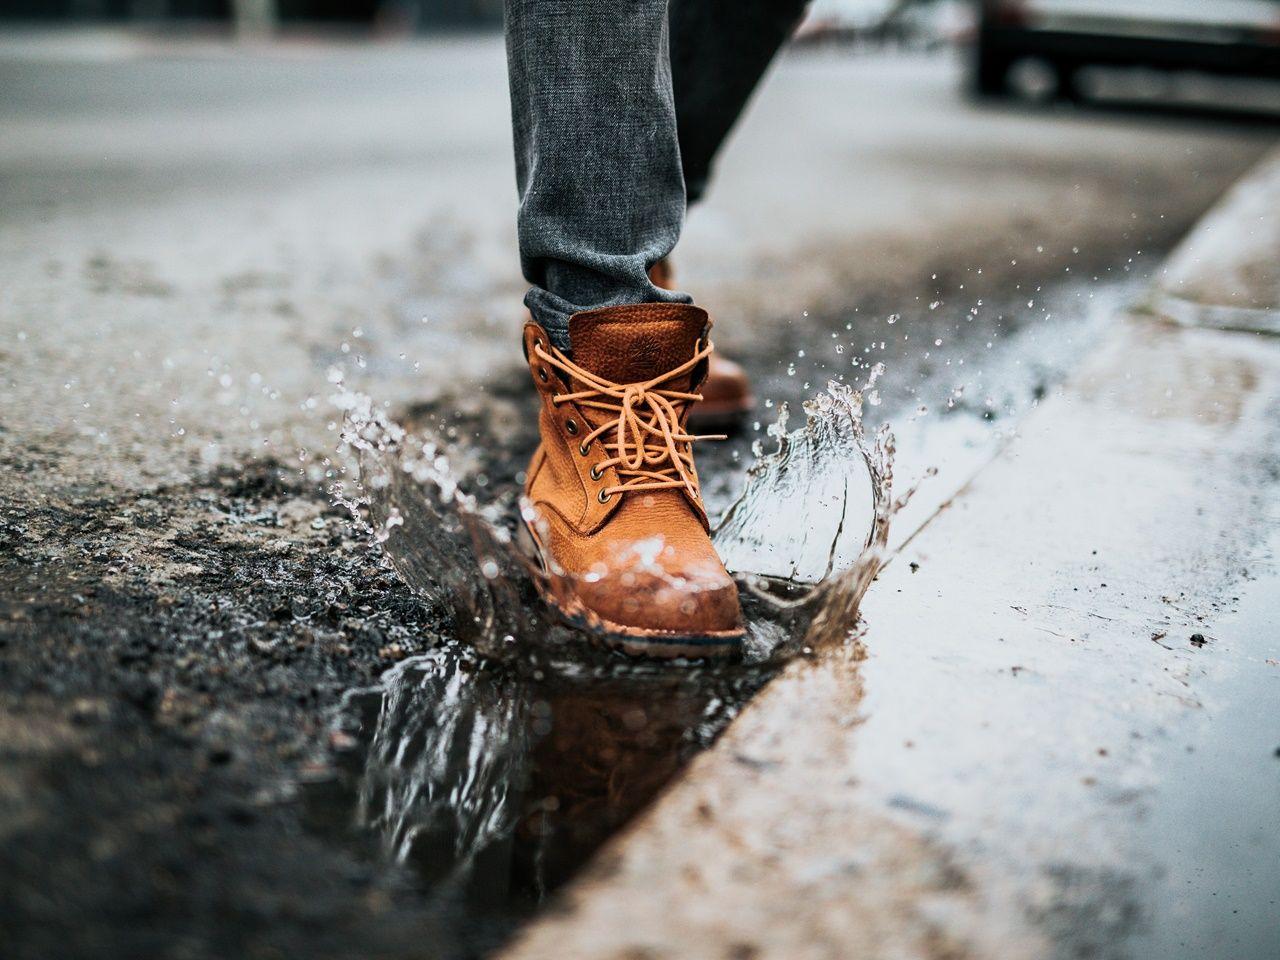 Zabezpieczamy Skorzane Buty Przed Blotem Sola I Sniegiem Blog Jego Styl Pl